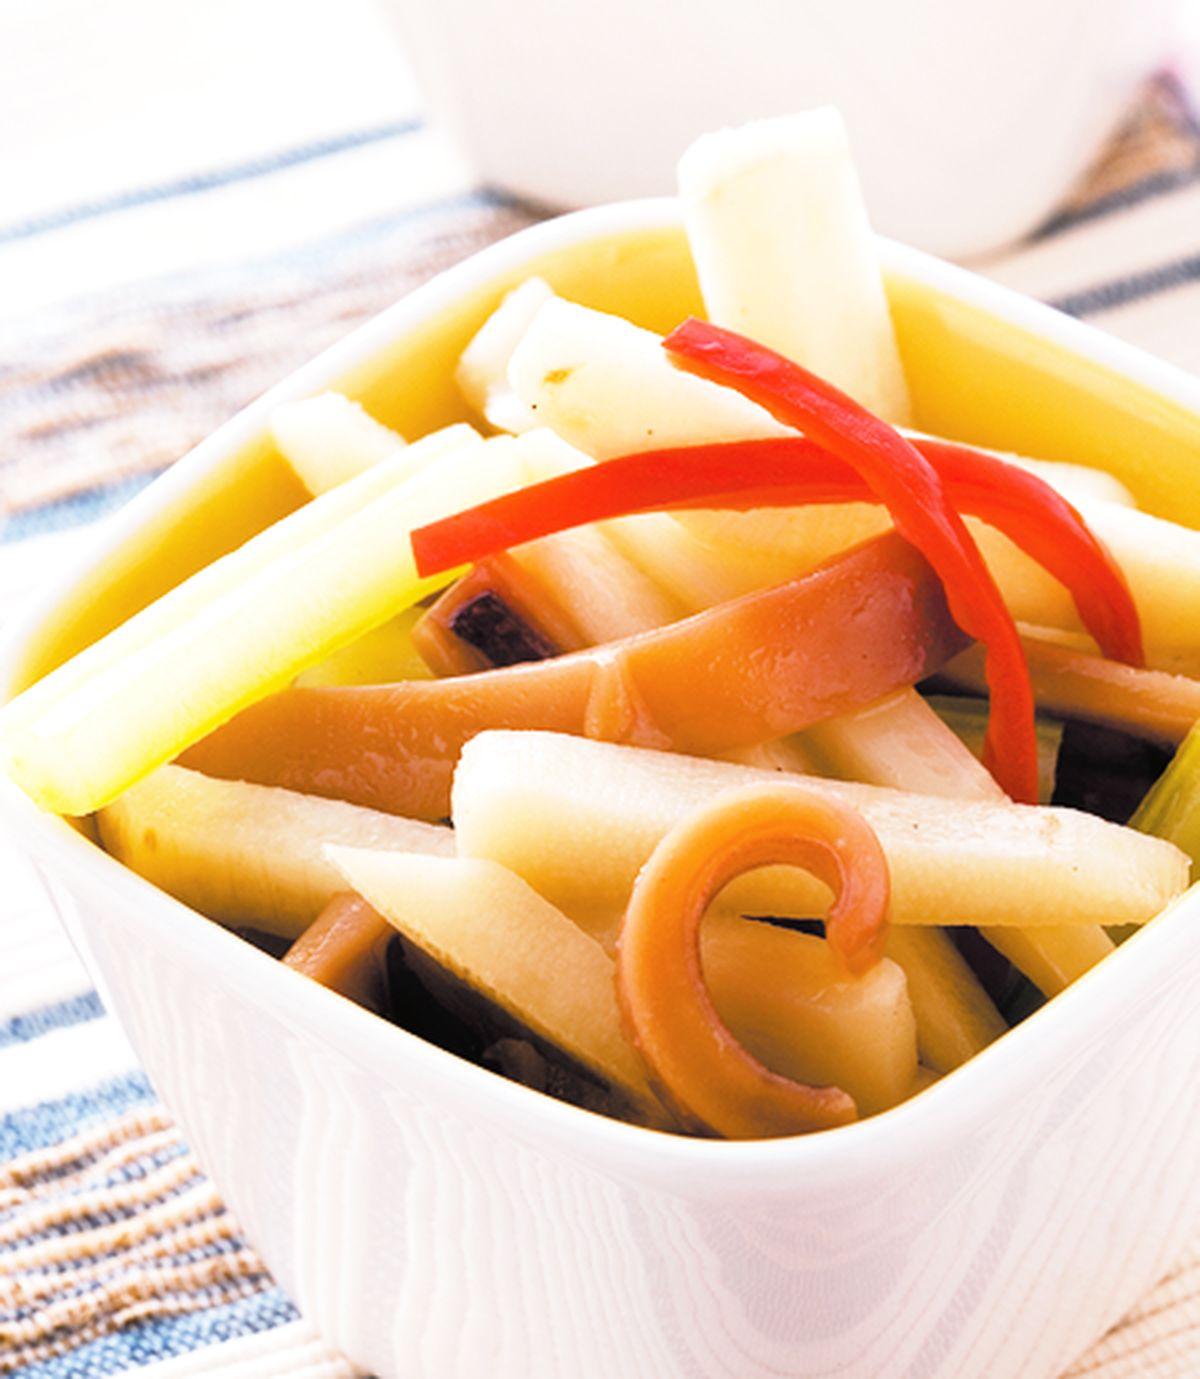 食譜:筍條炒魷魚